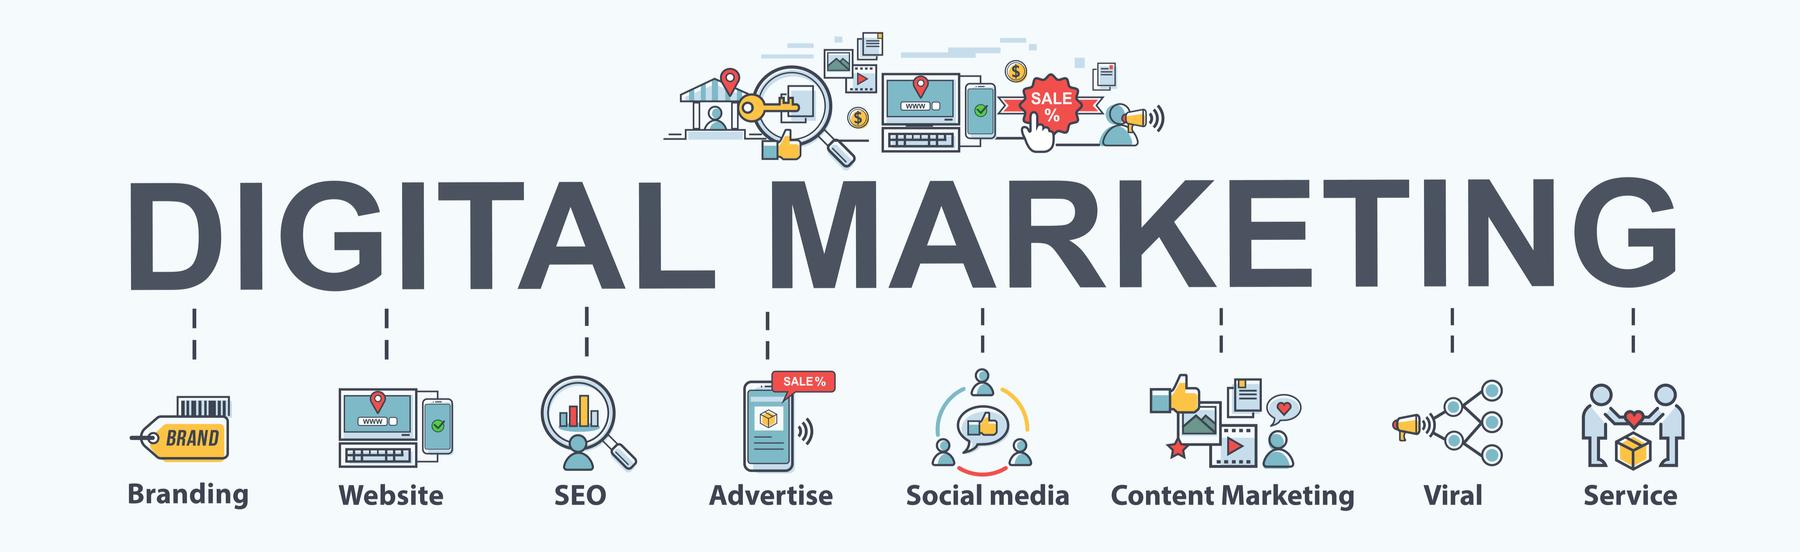 Webonclicks Digital Marketing Banner